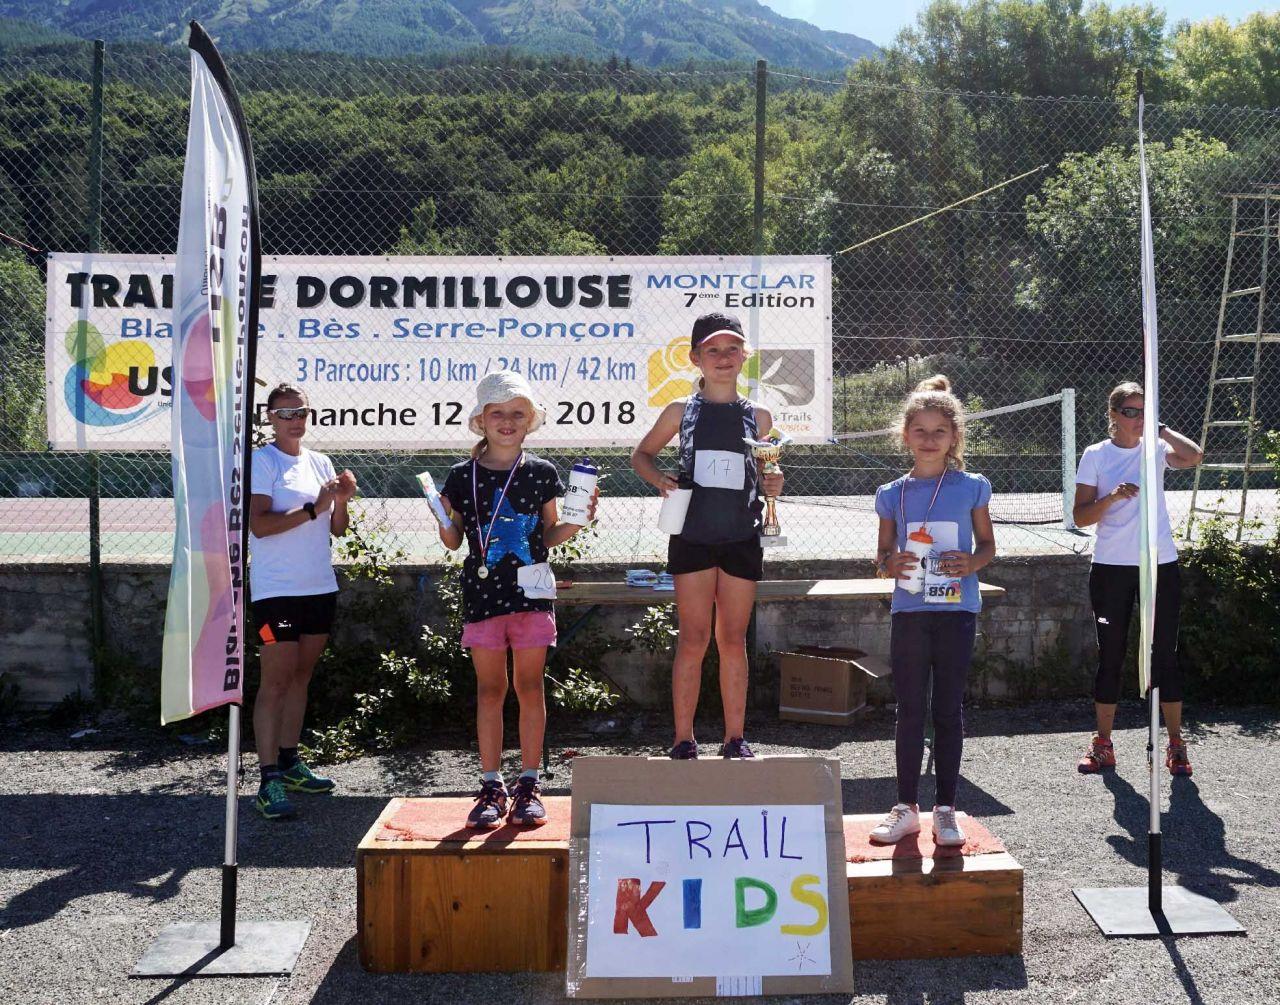 7ème_Trail_de_Dormillouse_12_août_2018_podium_trail_kids_3.jpg